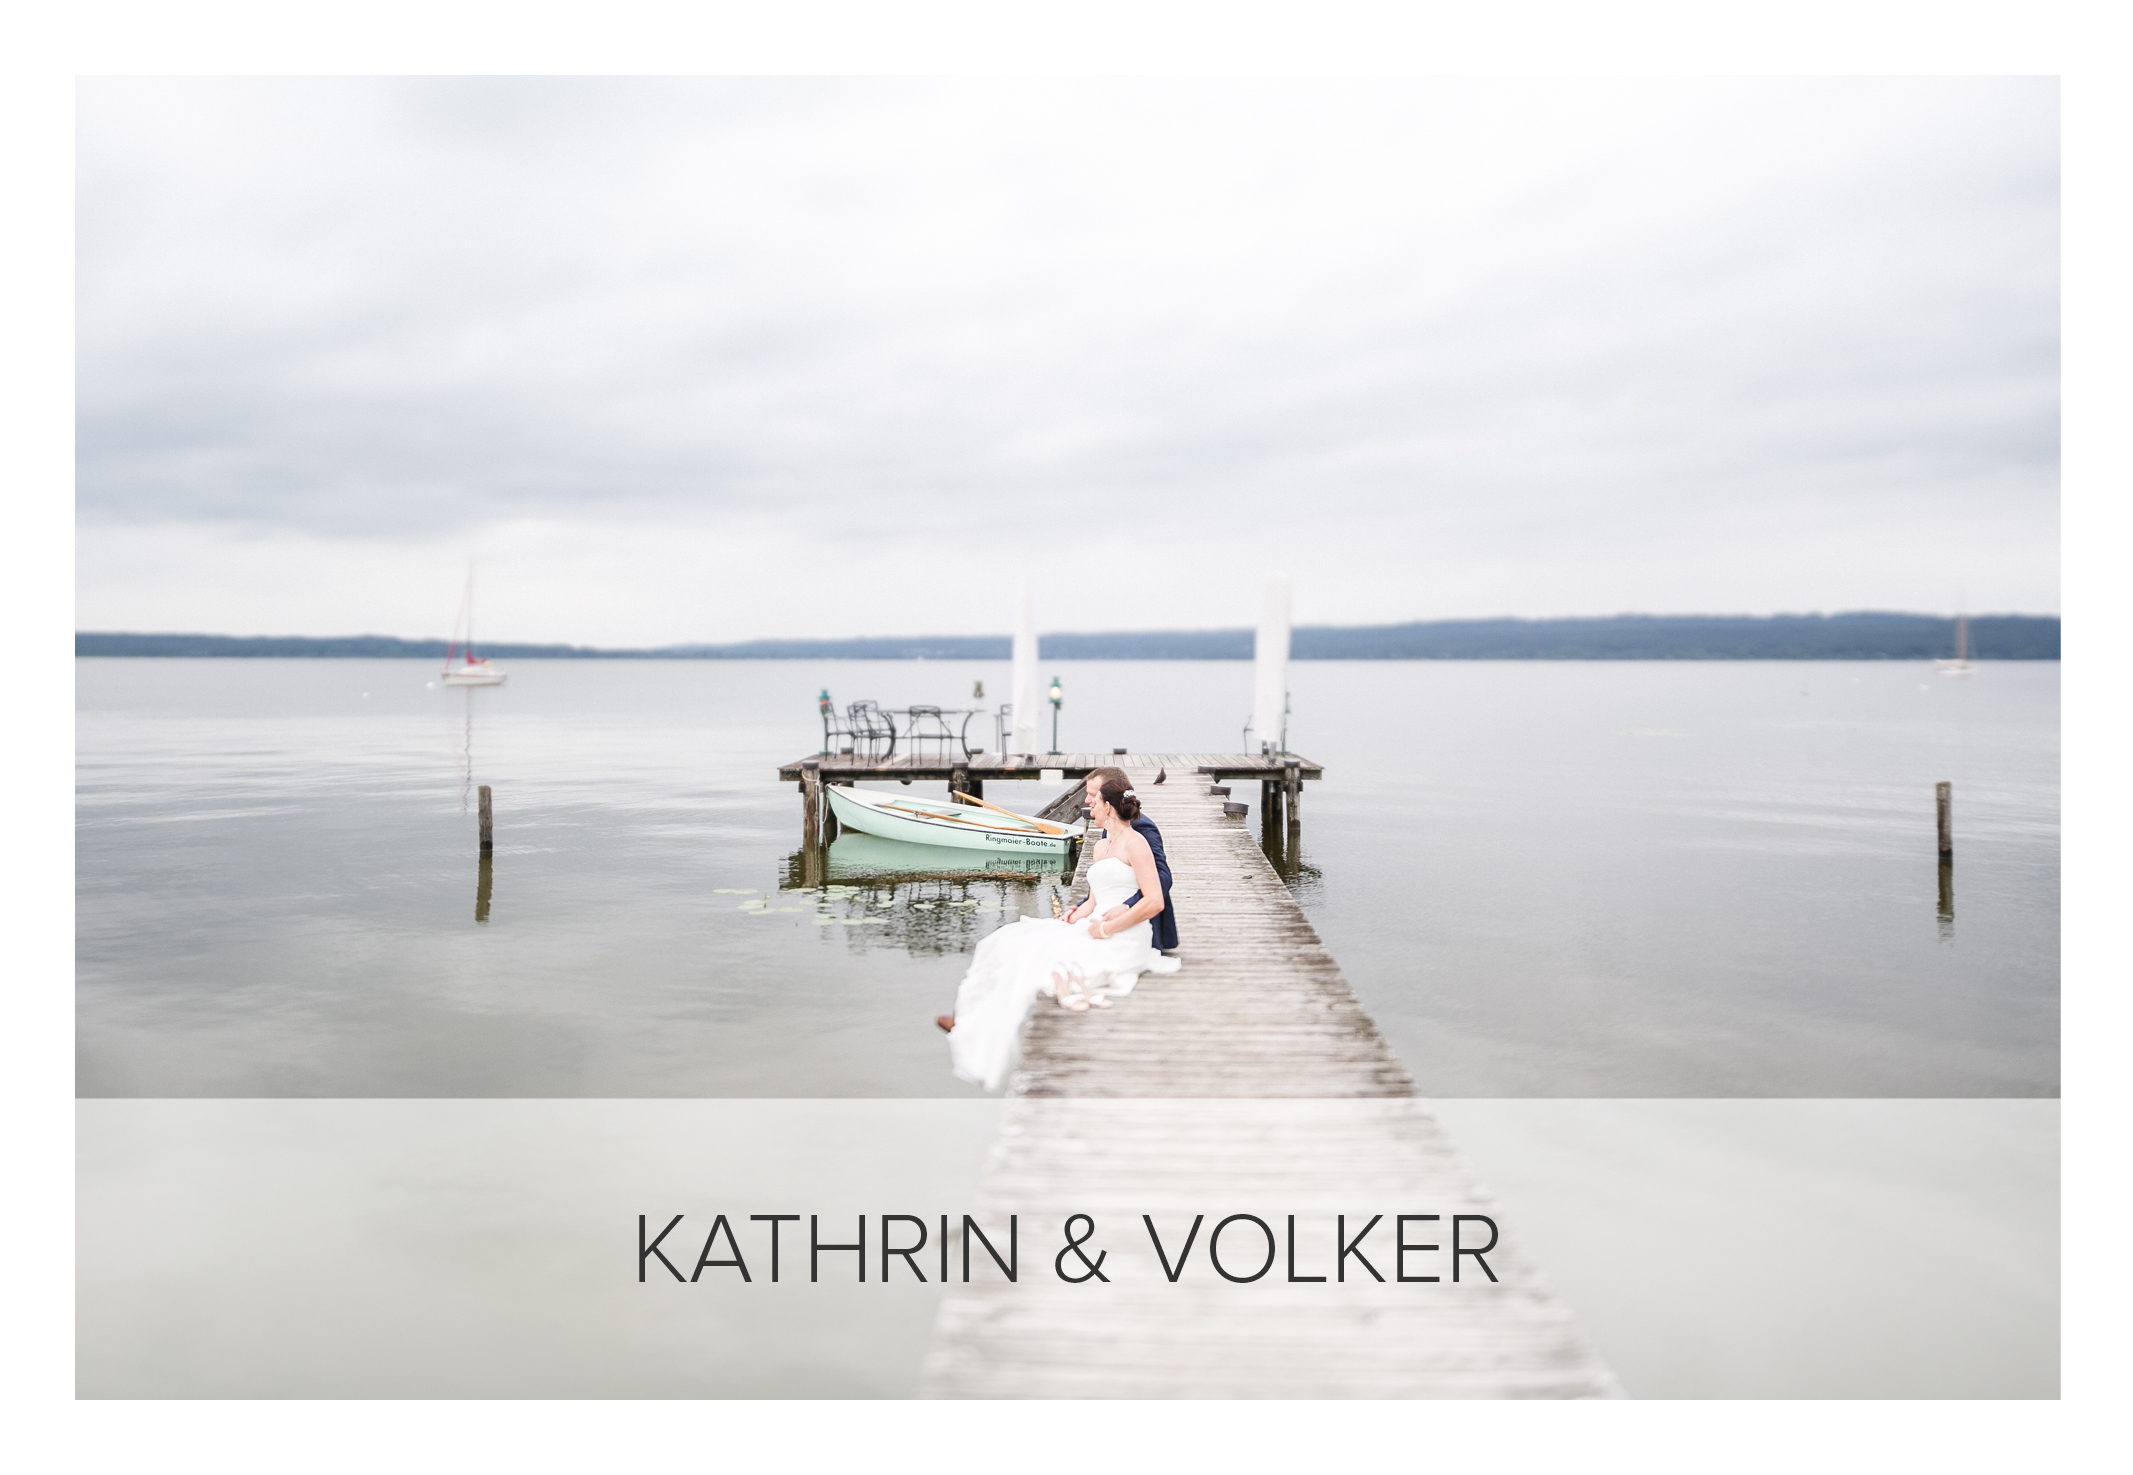 Kathrin+Volker.jpg